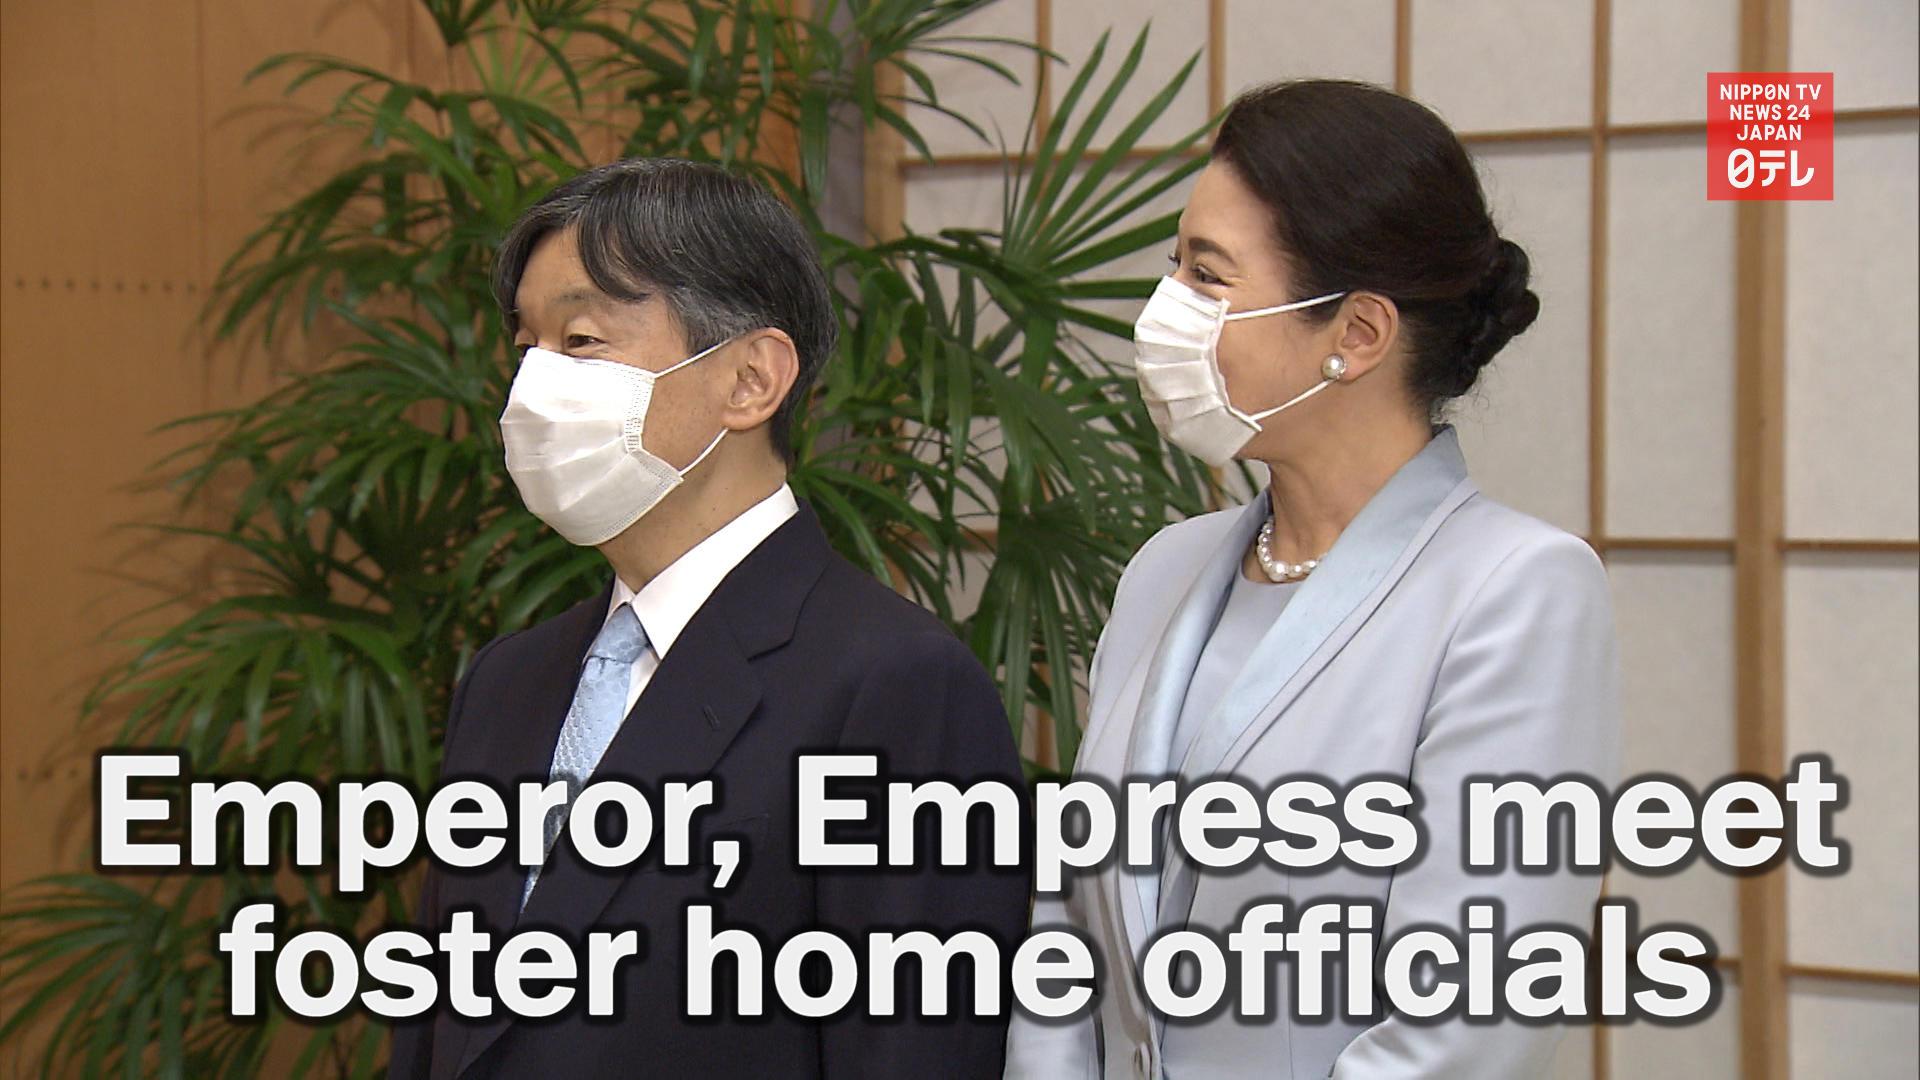 Emperor, empress meet foster home officials